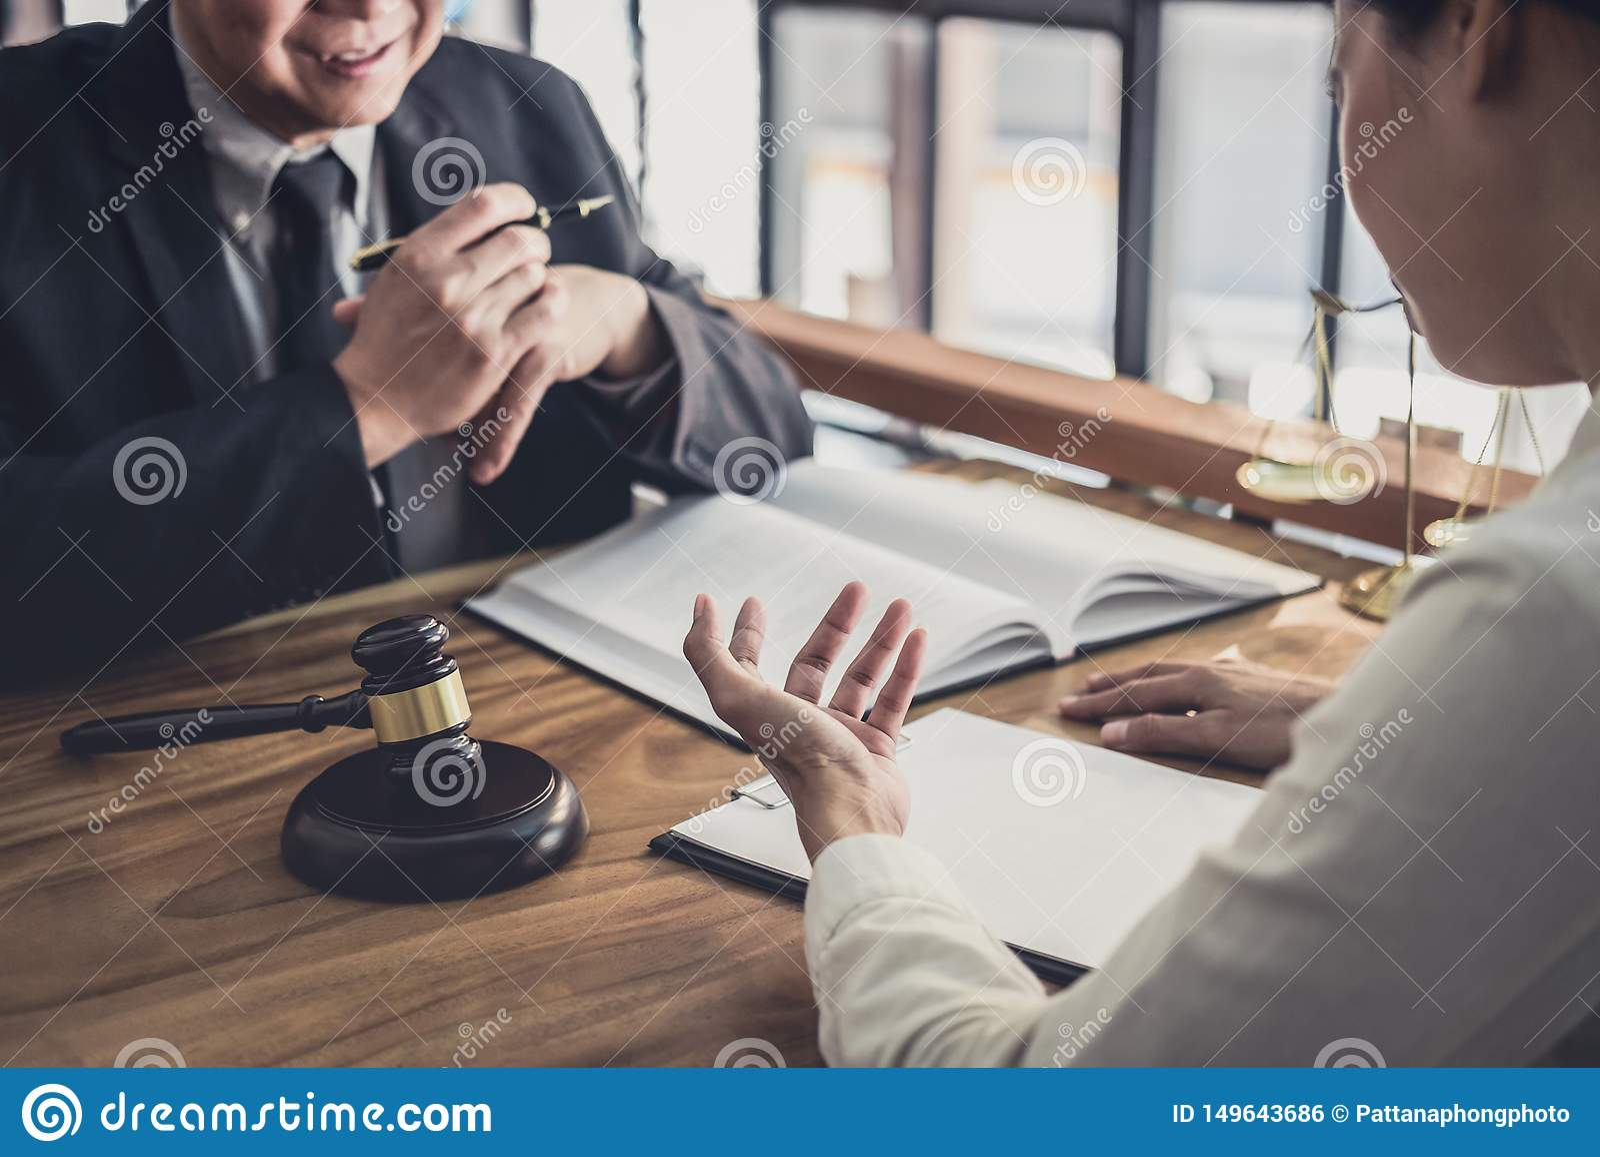 Мужские юрист или судья посоветовать с иметь встречу команды с клиентом коммерсантки, концепцией закона и юридических служб